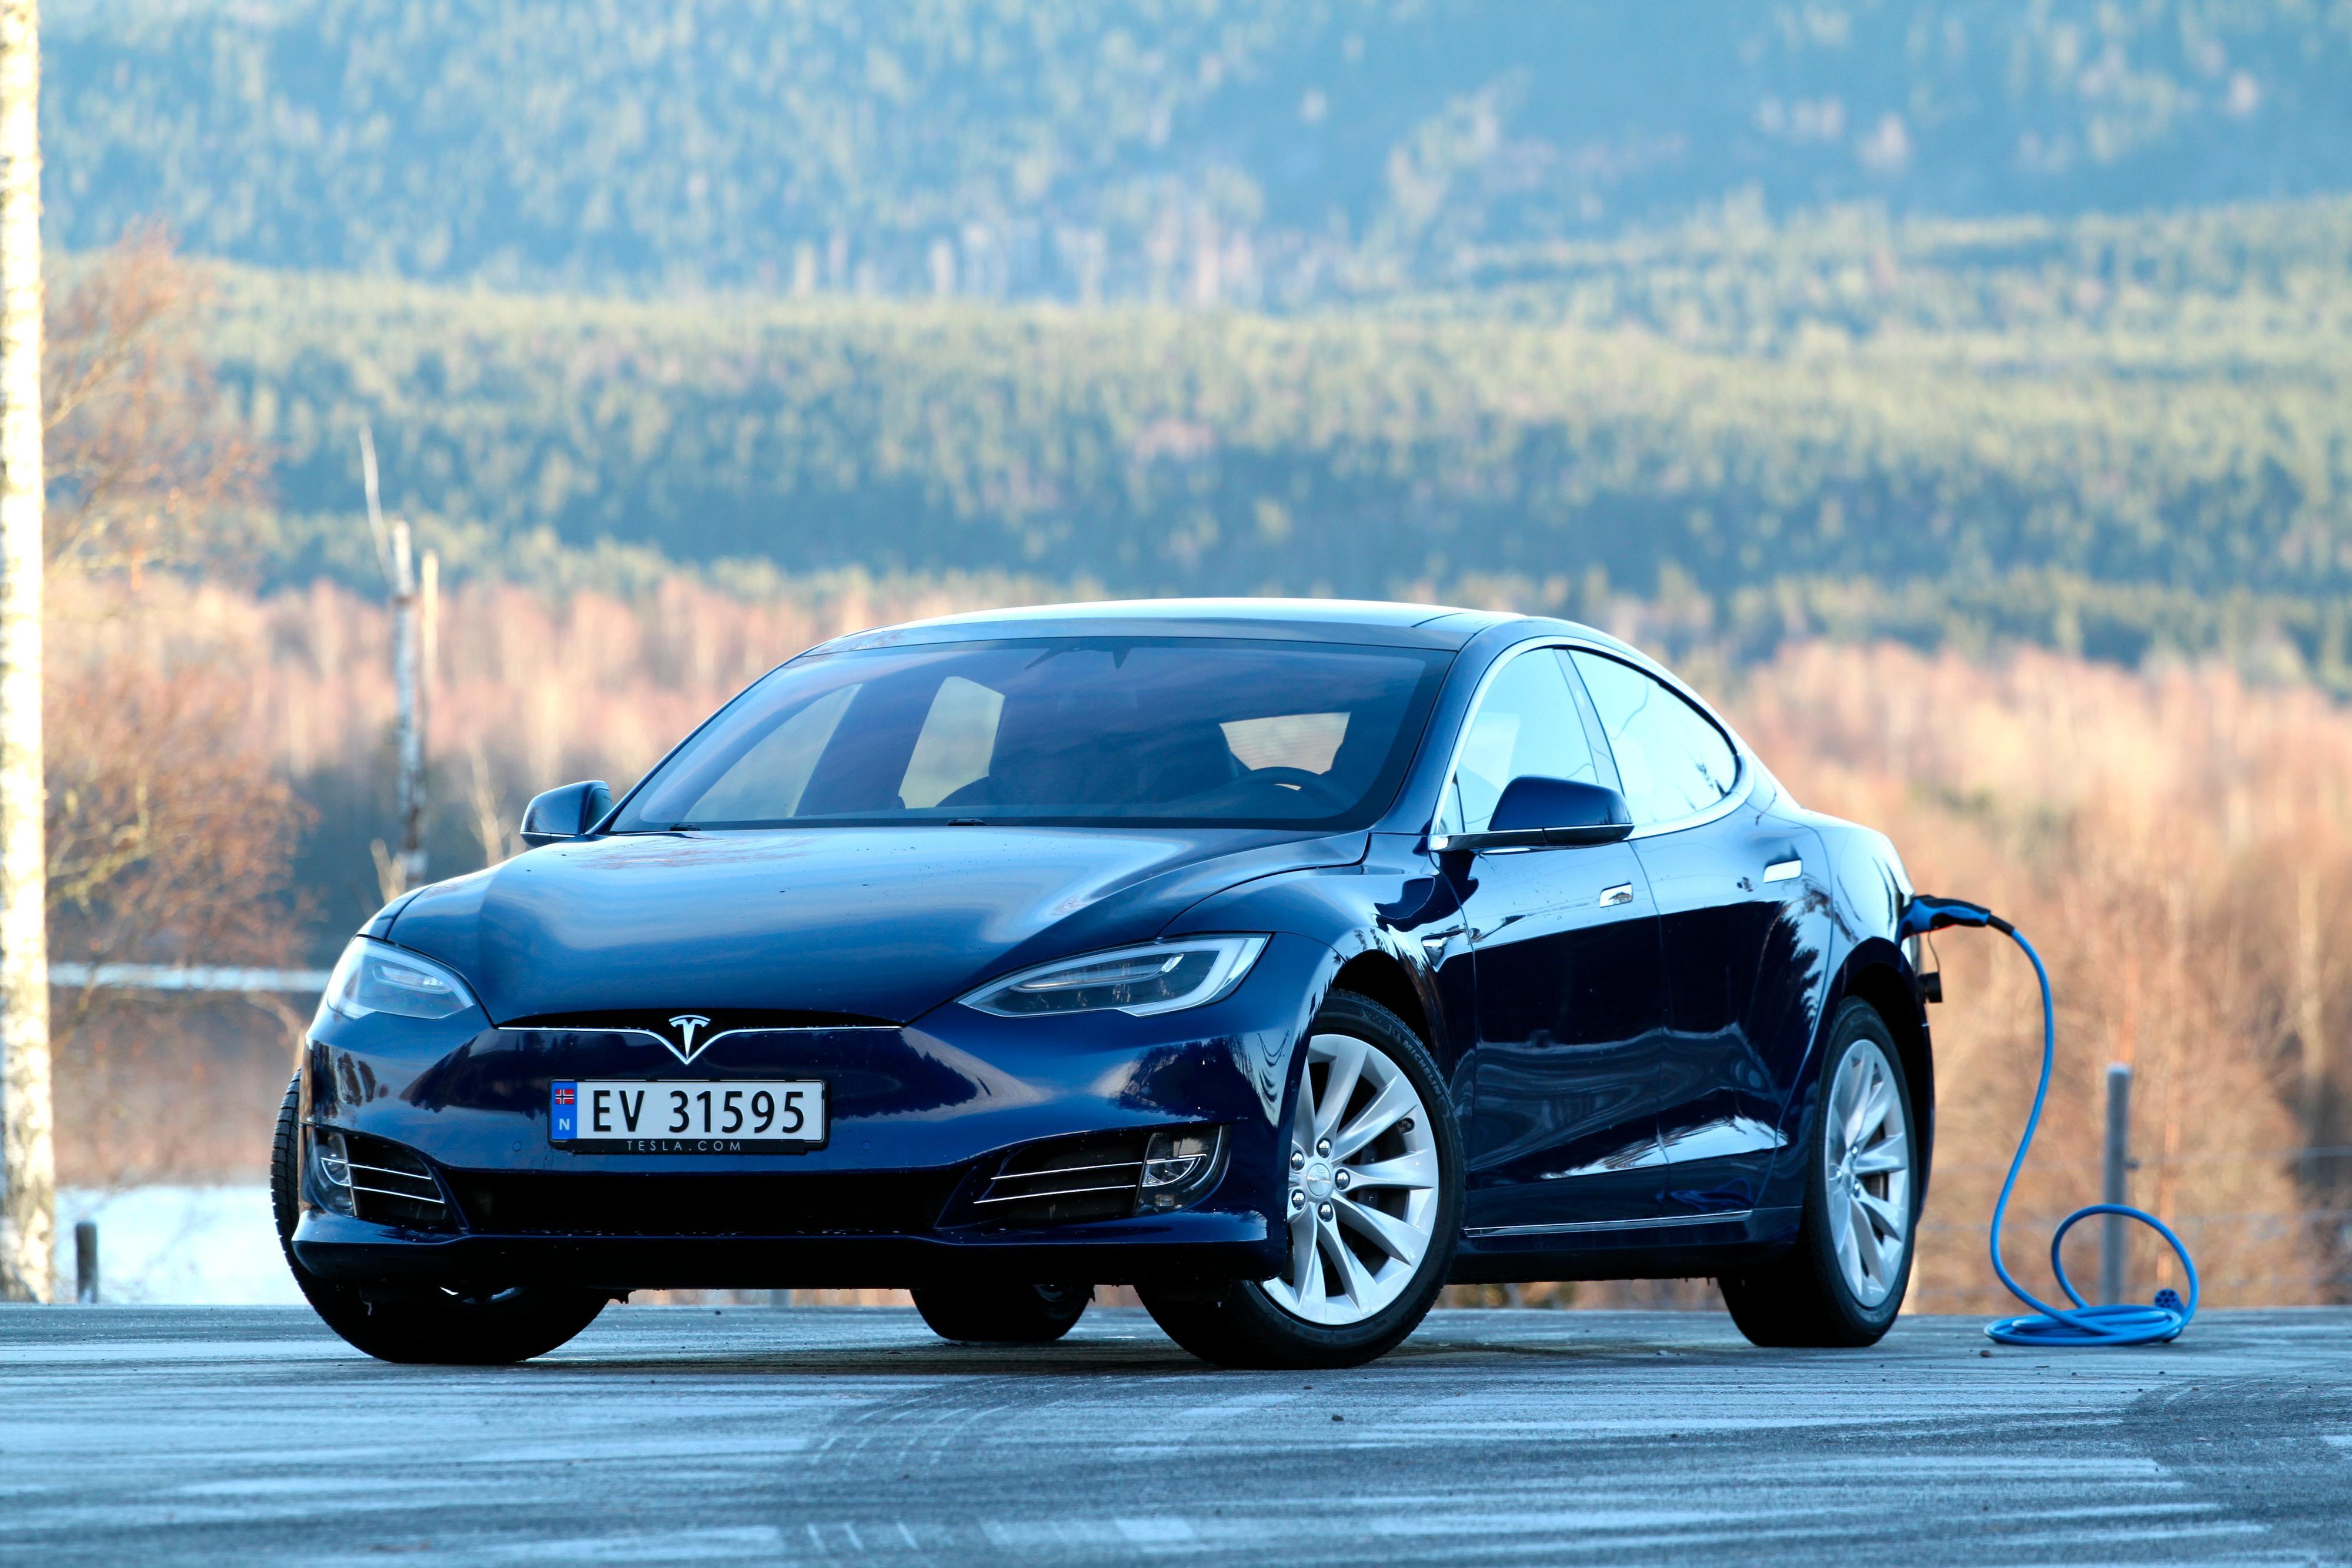 TESLA: Salget av dette merket gikk ned 16,4 prosent i oktober. Totalt har Tesla økt salget sitt med 158,5 prosent i 2019.